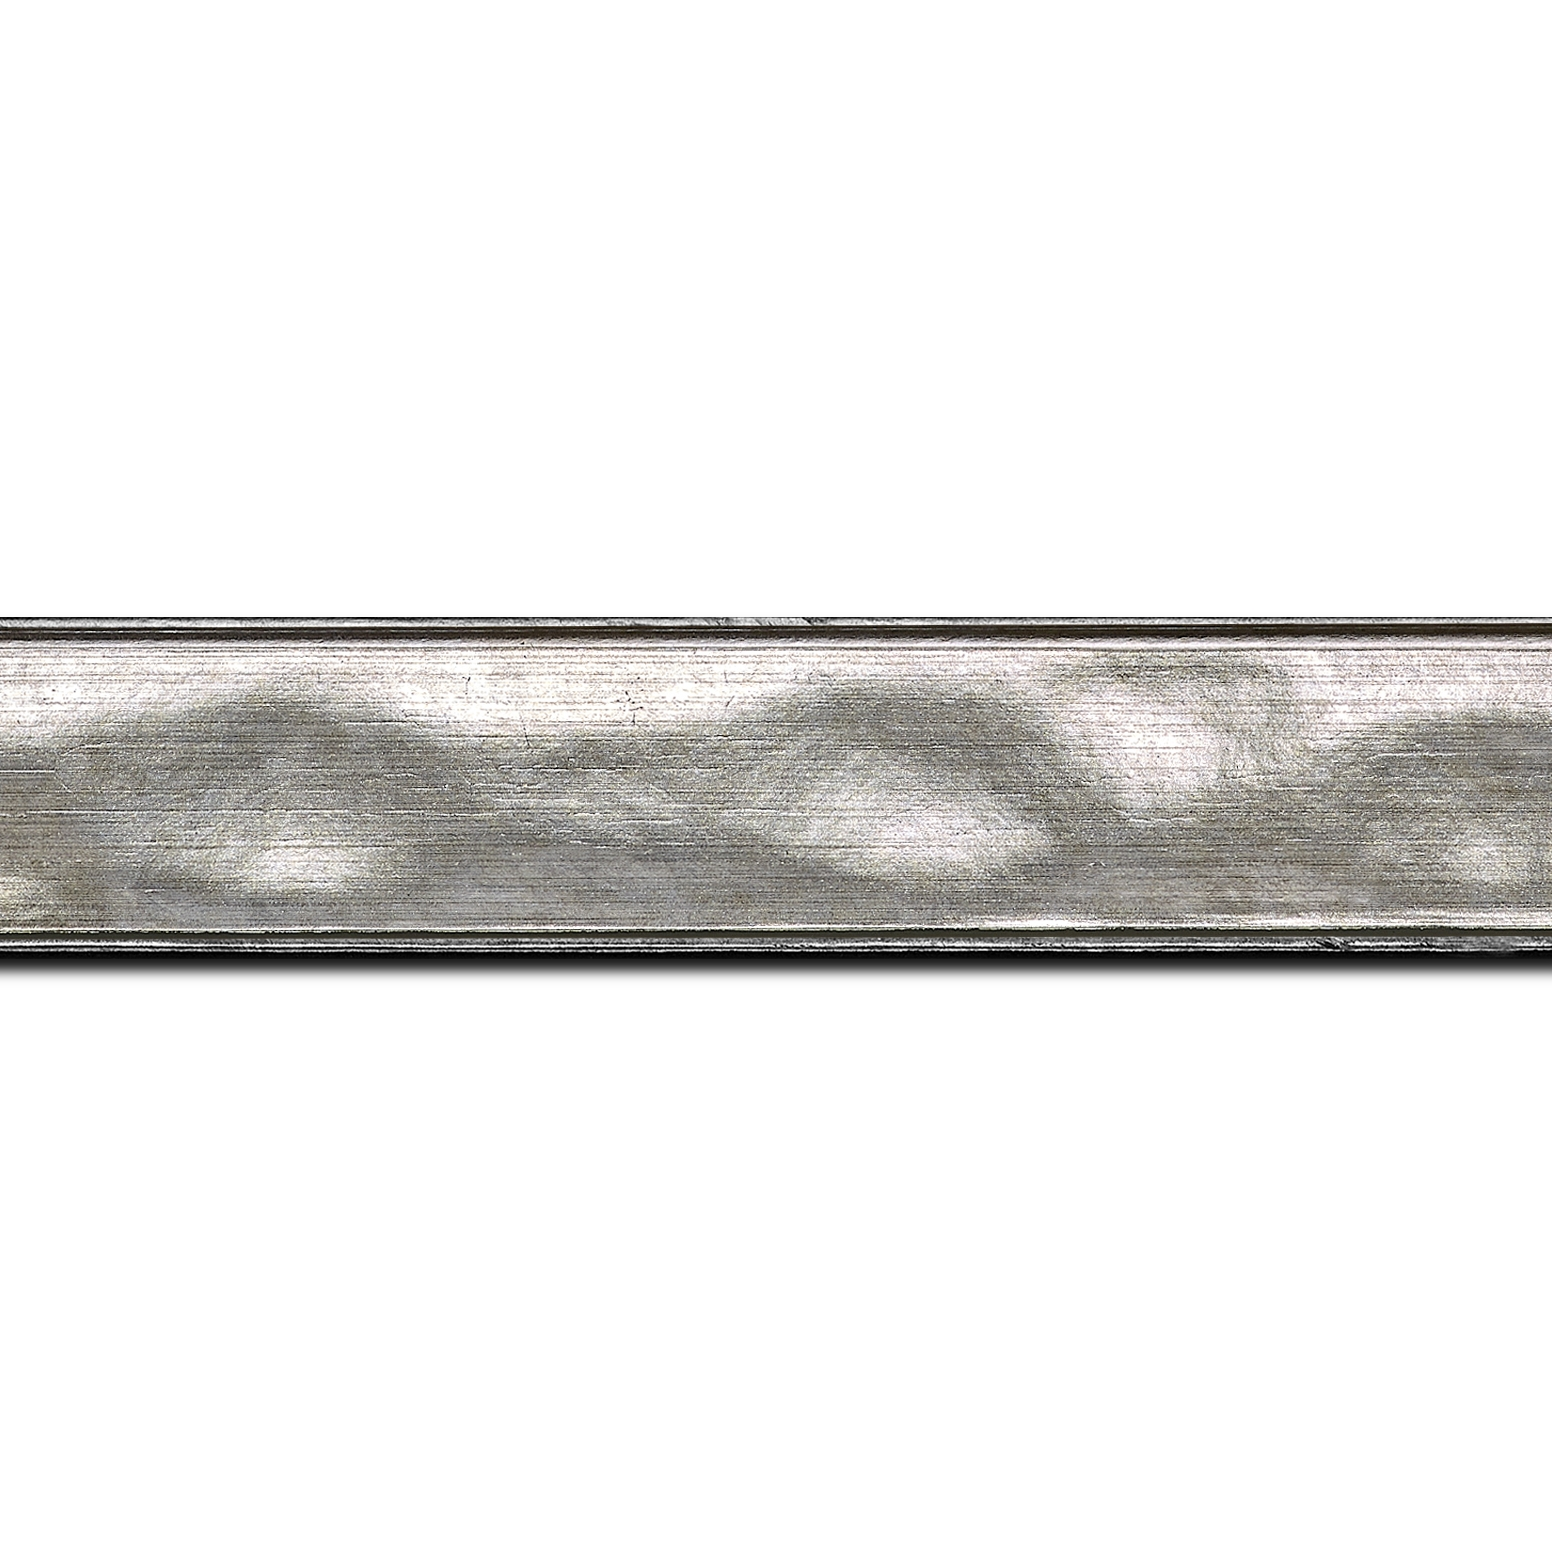 Baguette longueur 1.40m bois profil en pente bosselé largeur 3.3cm couleur argent